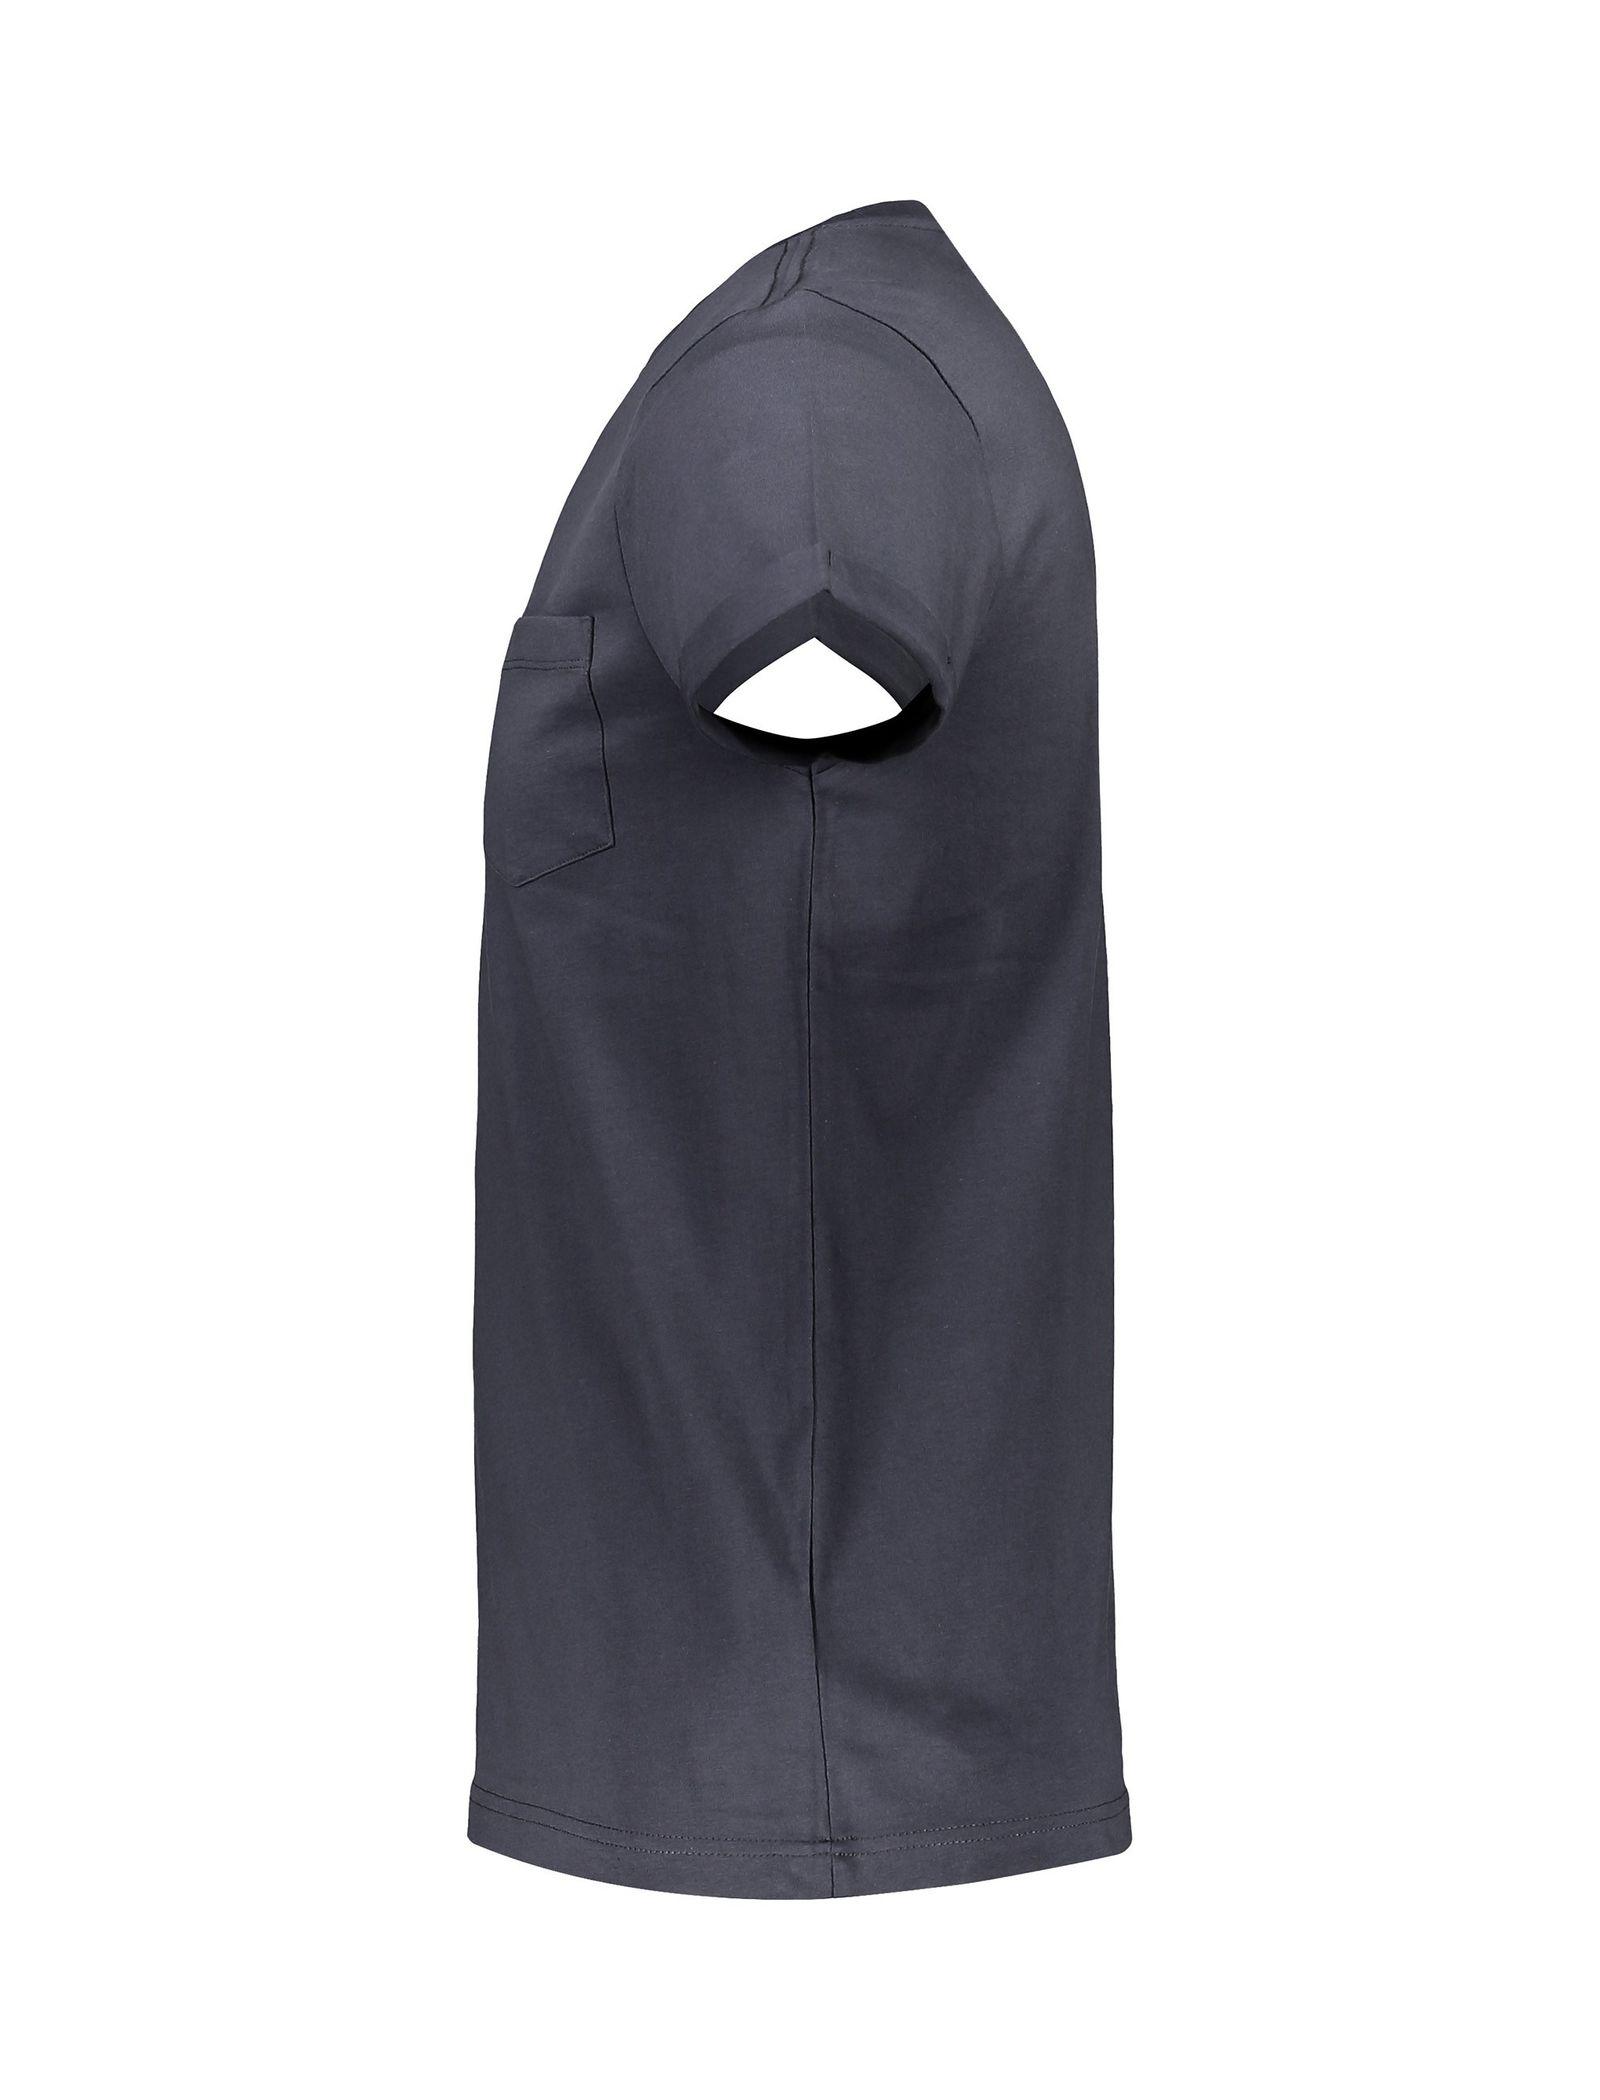 تی شرت نخی یقه گرد مردانه - رد هرینگ - طوسي - 3